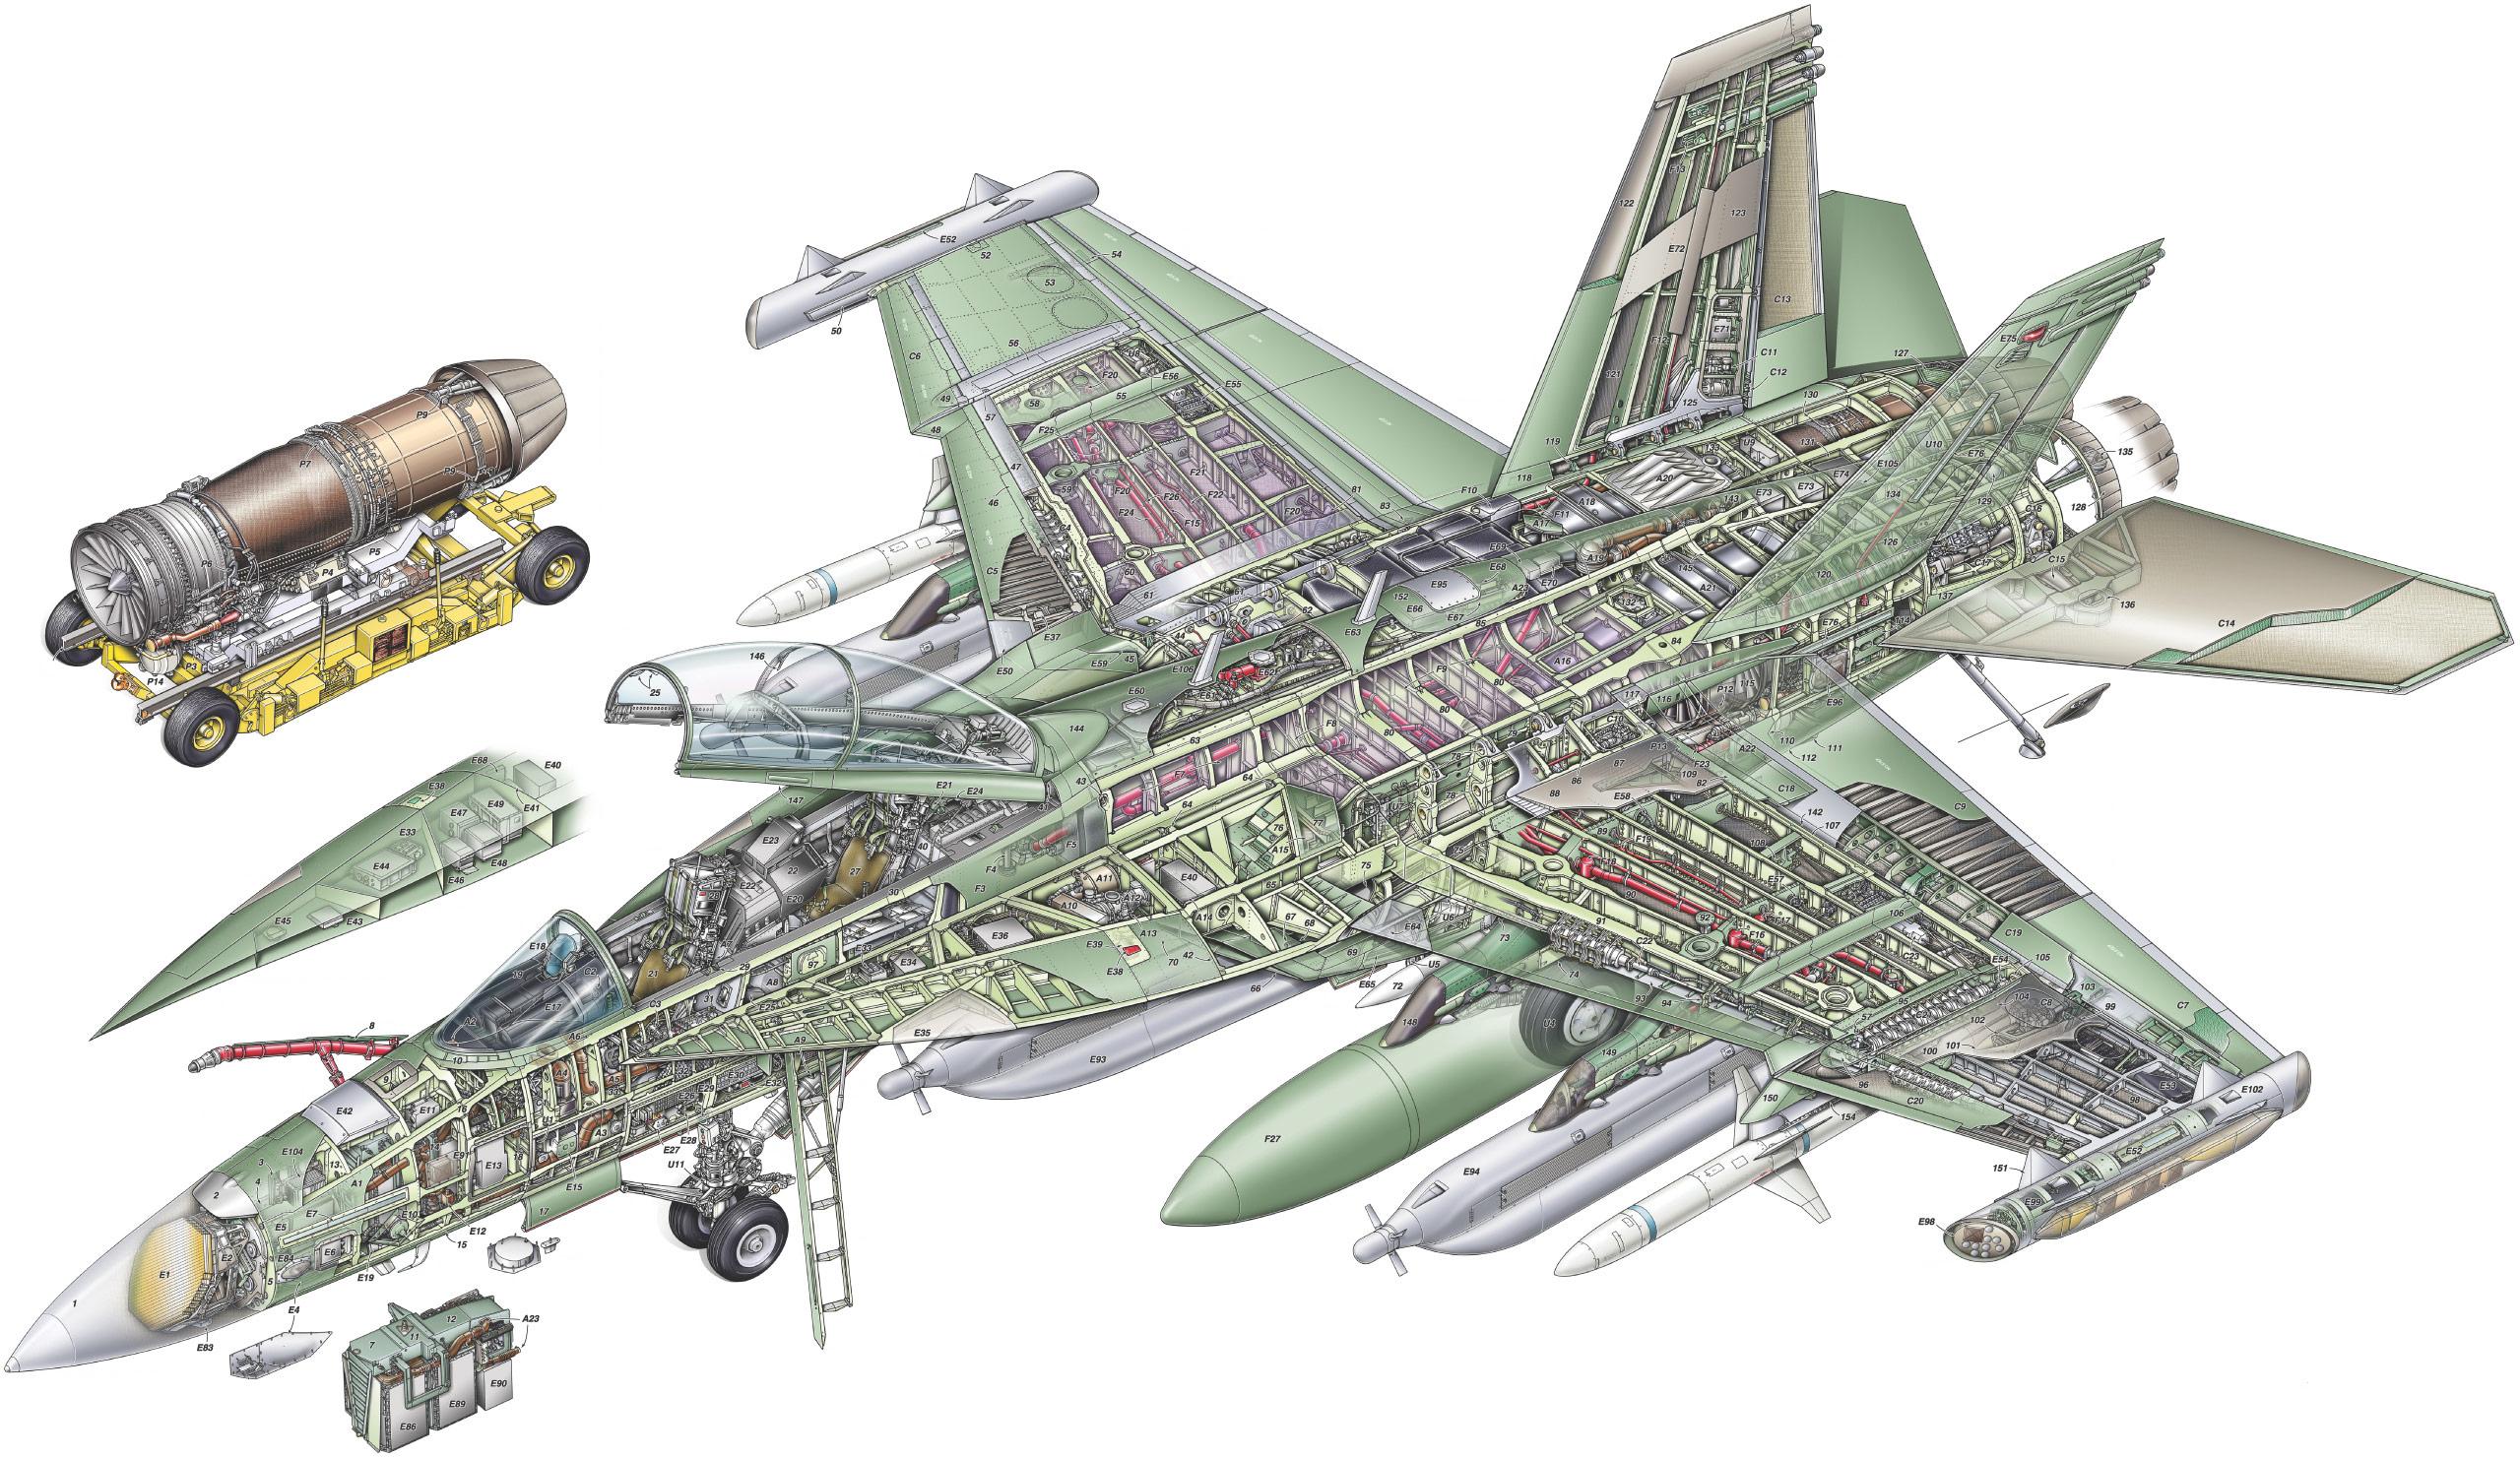 Boeing EA-18G Growler cutaway